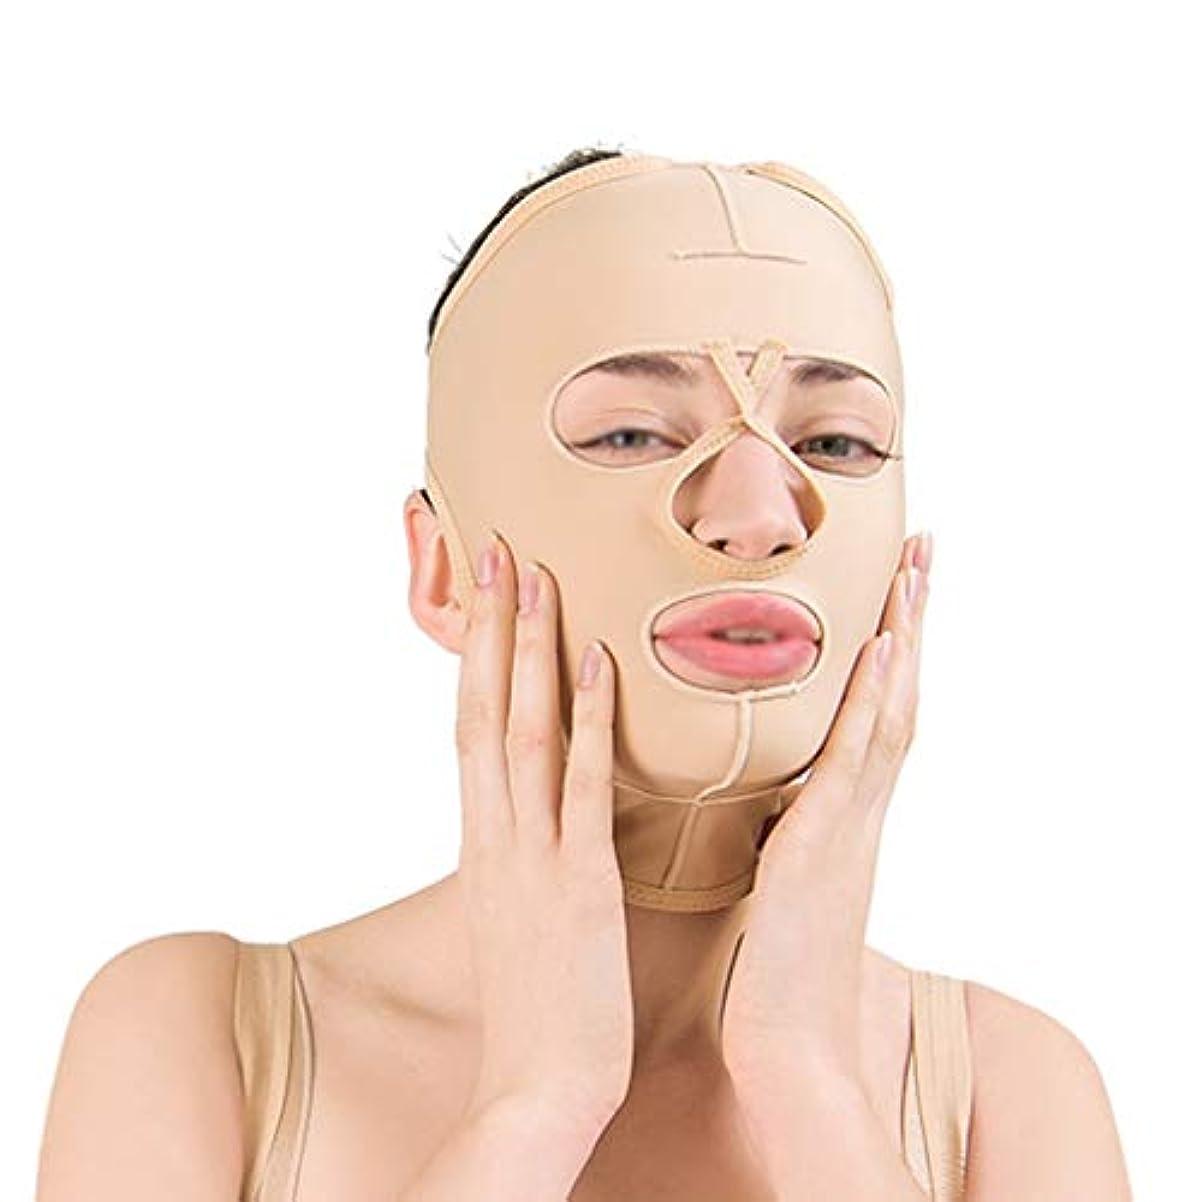 粒ビーチ影響フェイススリミングマスク、フェイスバンデージ付きフェイシャル減量マスク、通気性フェイスリフト、引き締め、フェイスリフティング (Size : S)